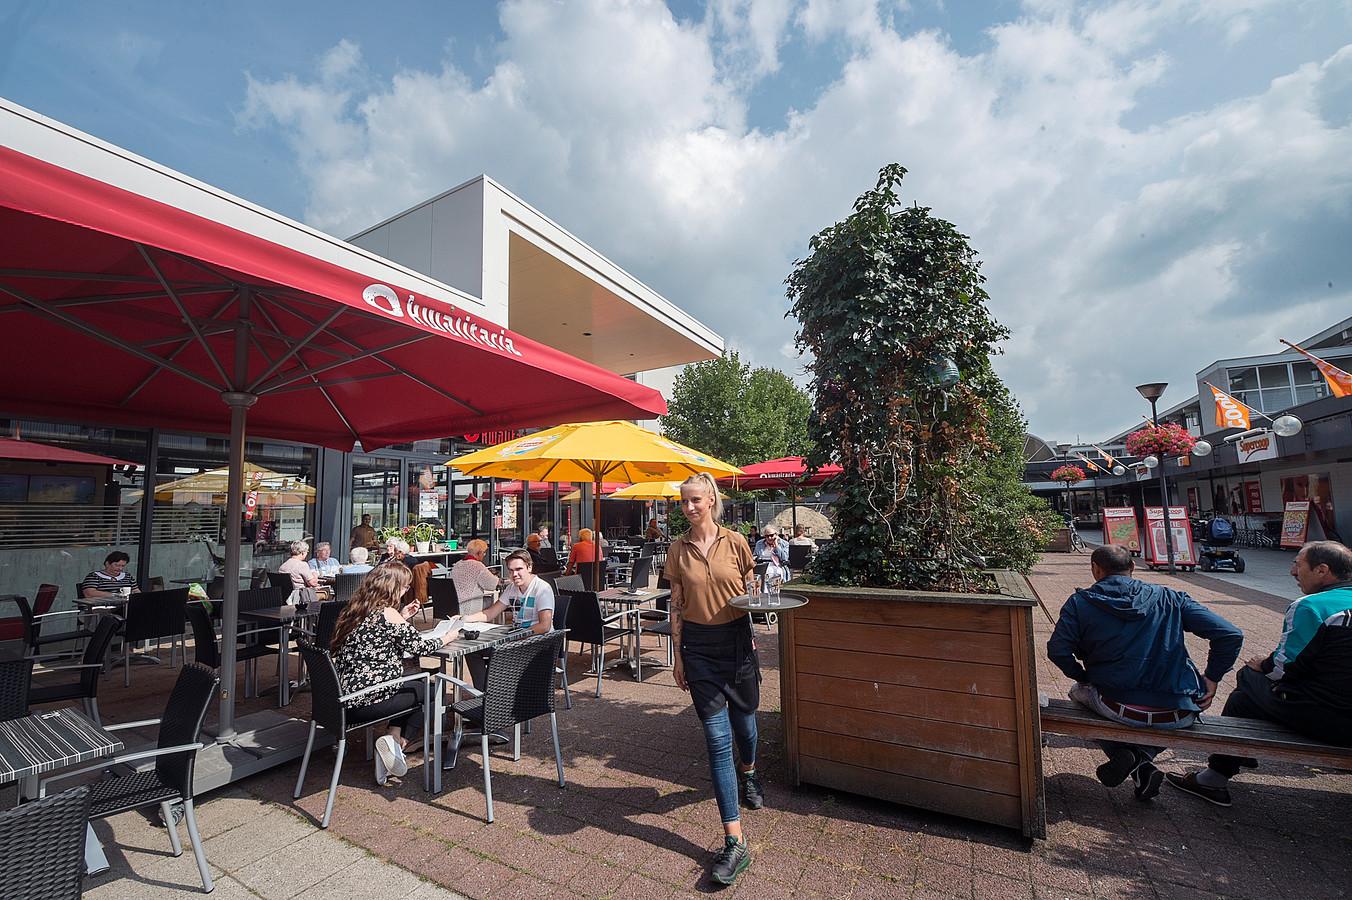 Kwalitaria Huizen Openingstijden : Nieuwe ah en aldi in winkelcentrum presikhaaf begin 2018 open